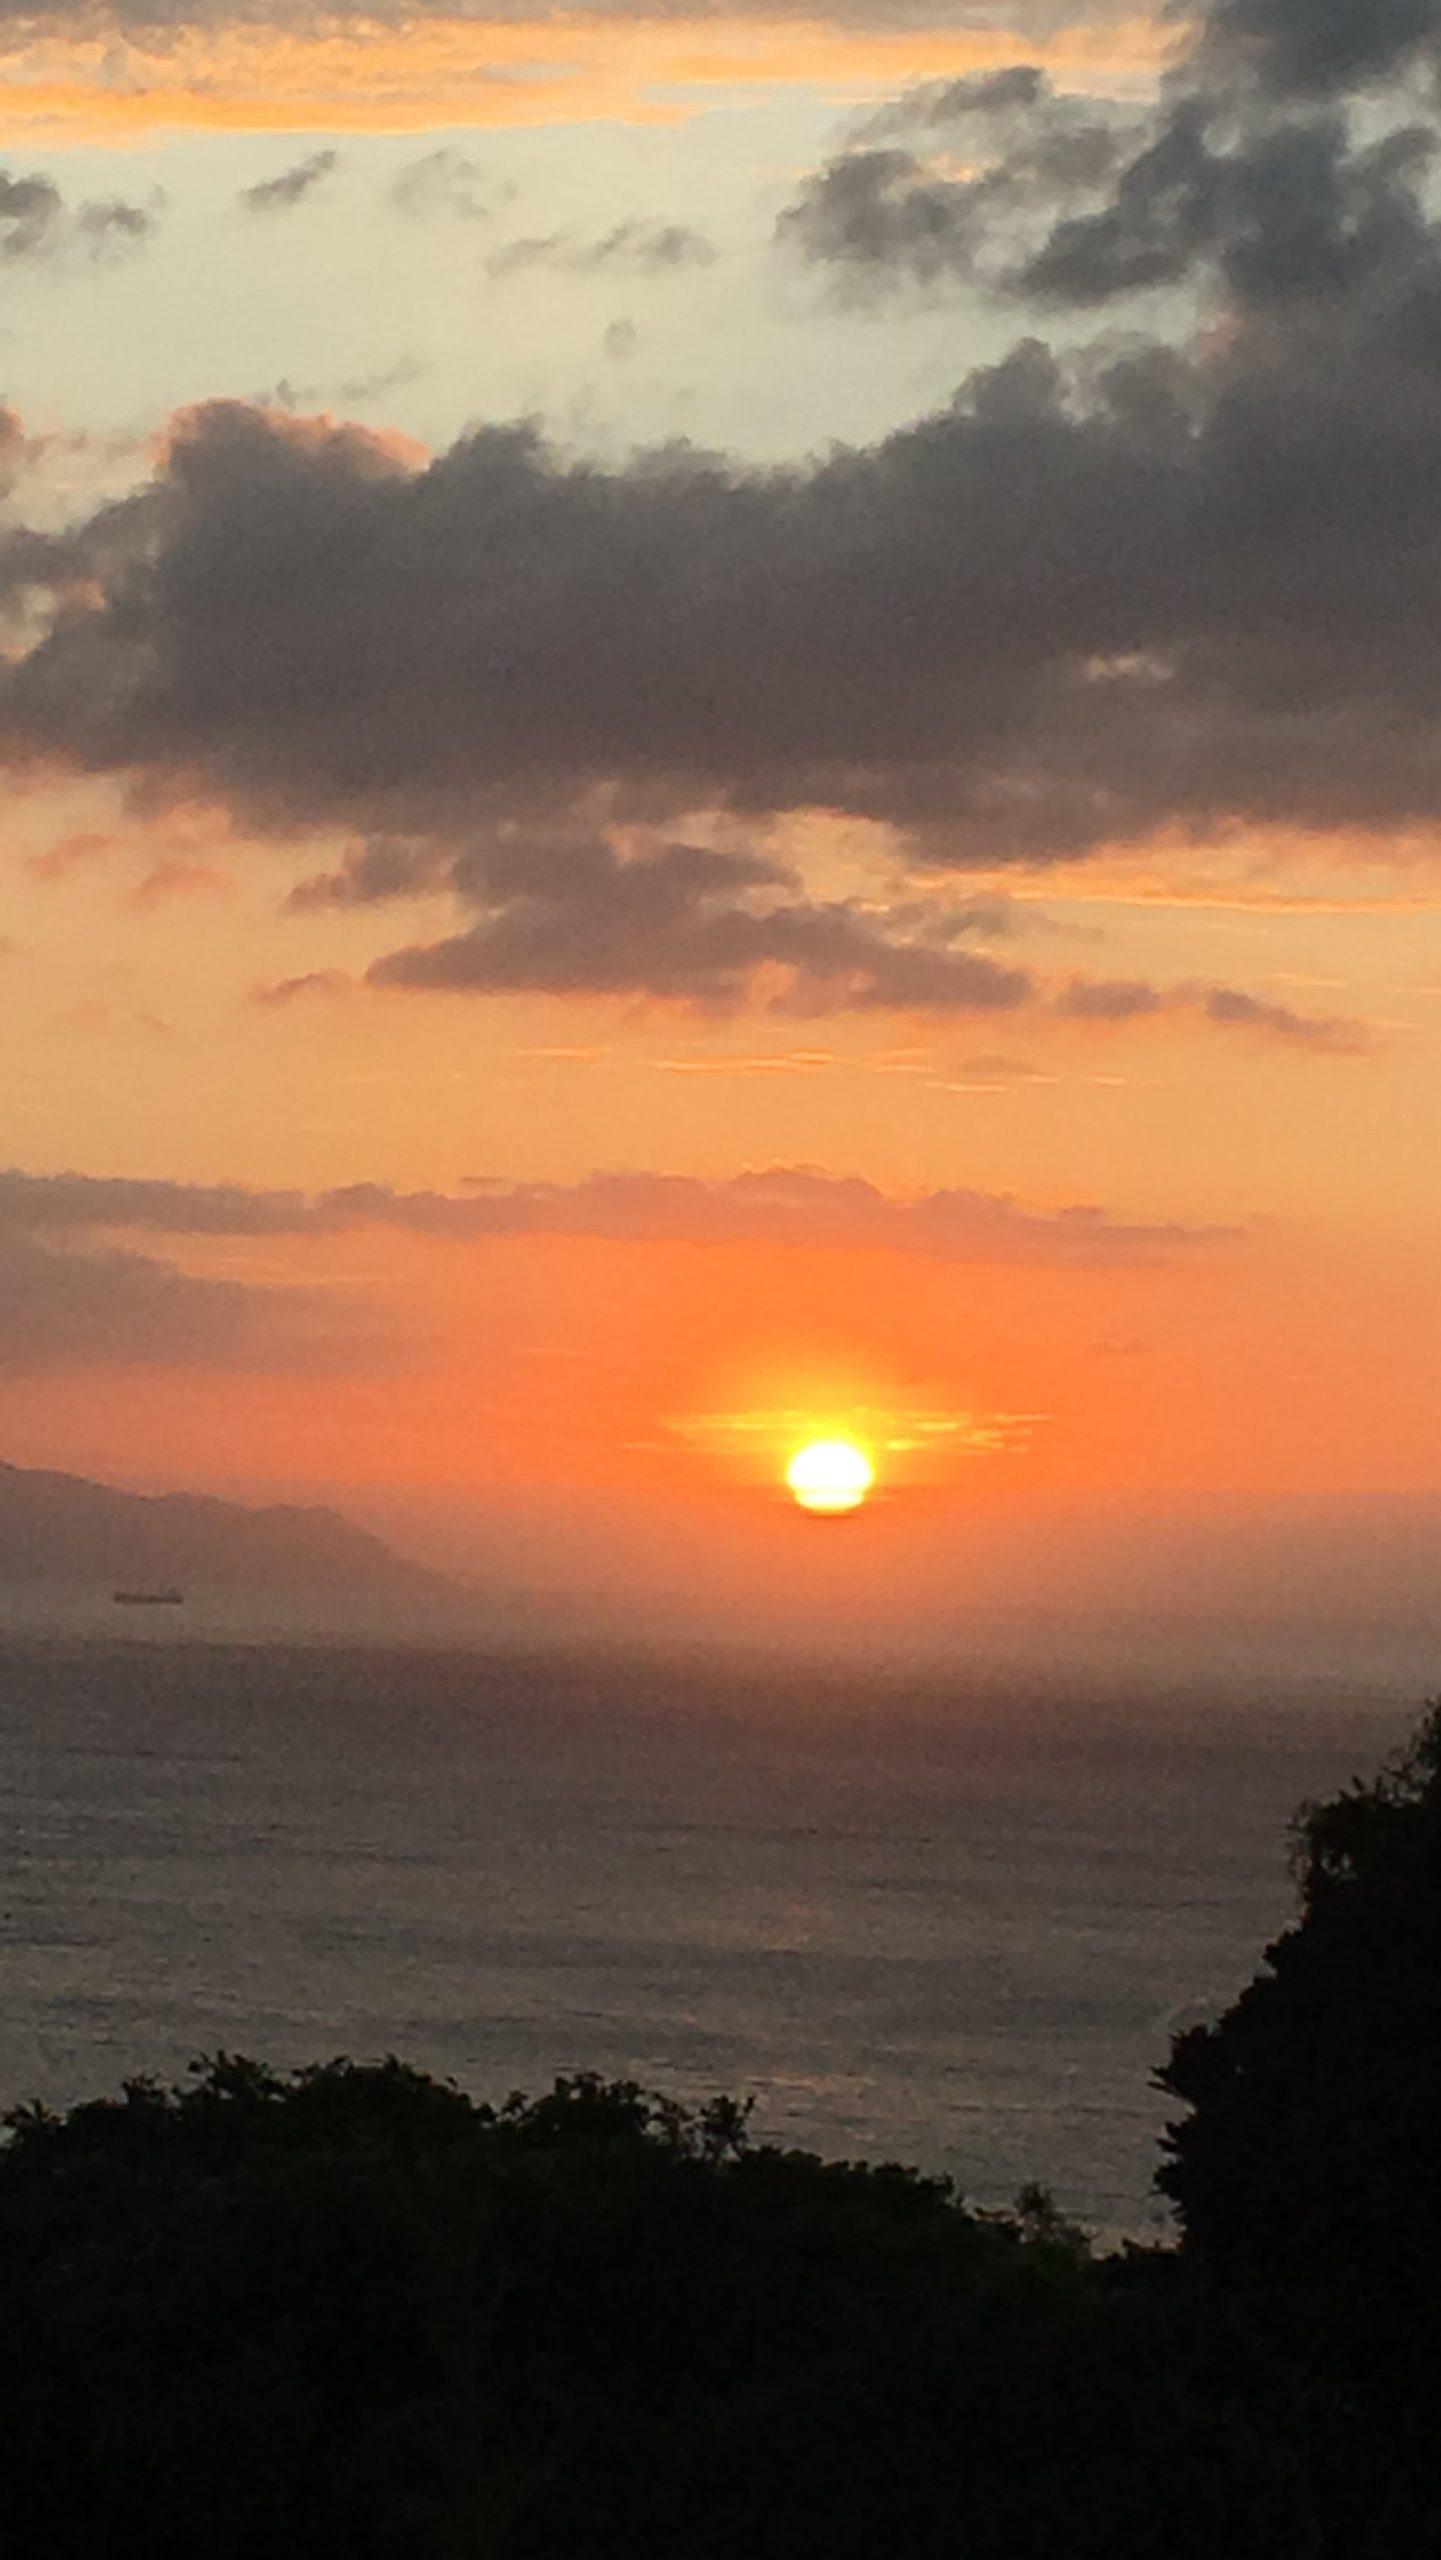 9/23(秋分の日)を境に岬も秋らしく涼しい風が心地良く吹いております。